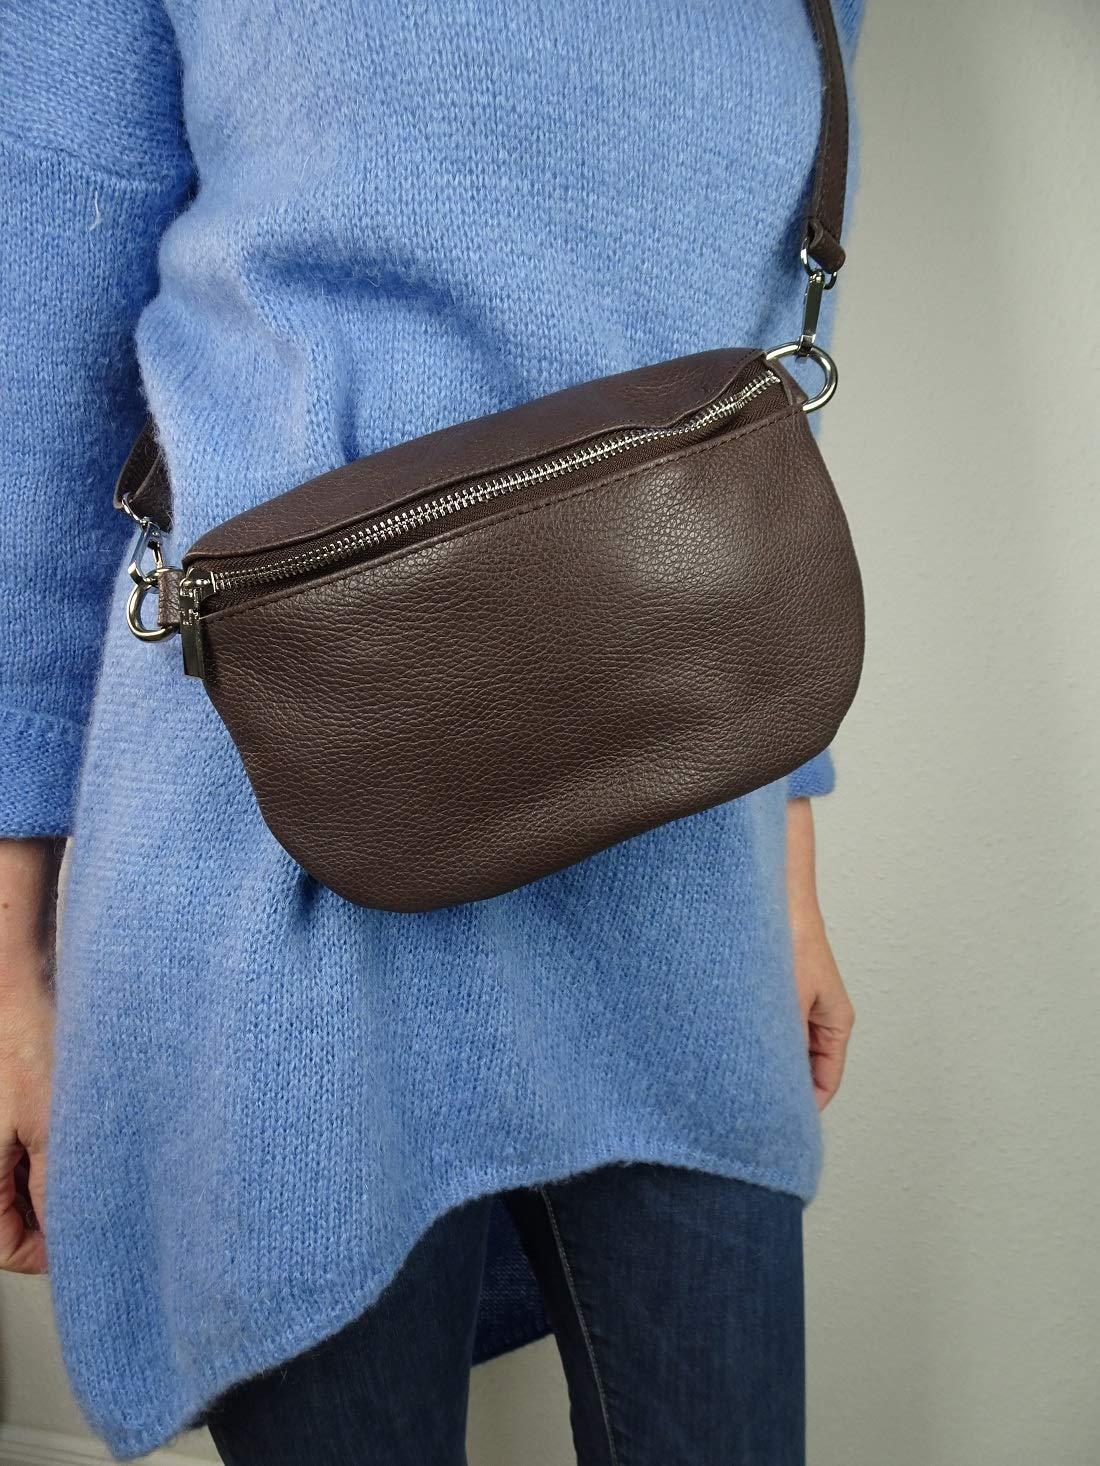 Italy borse i pelle metallic äkta läder dam crossover Body Bag midjeväska handväska BRUN